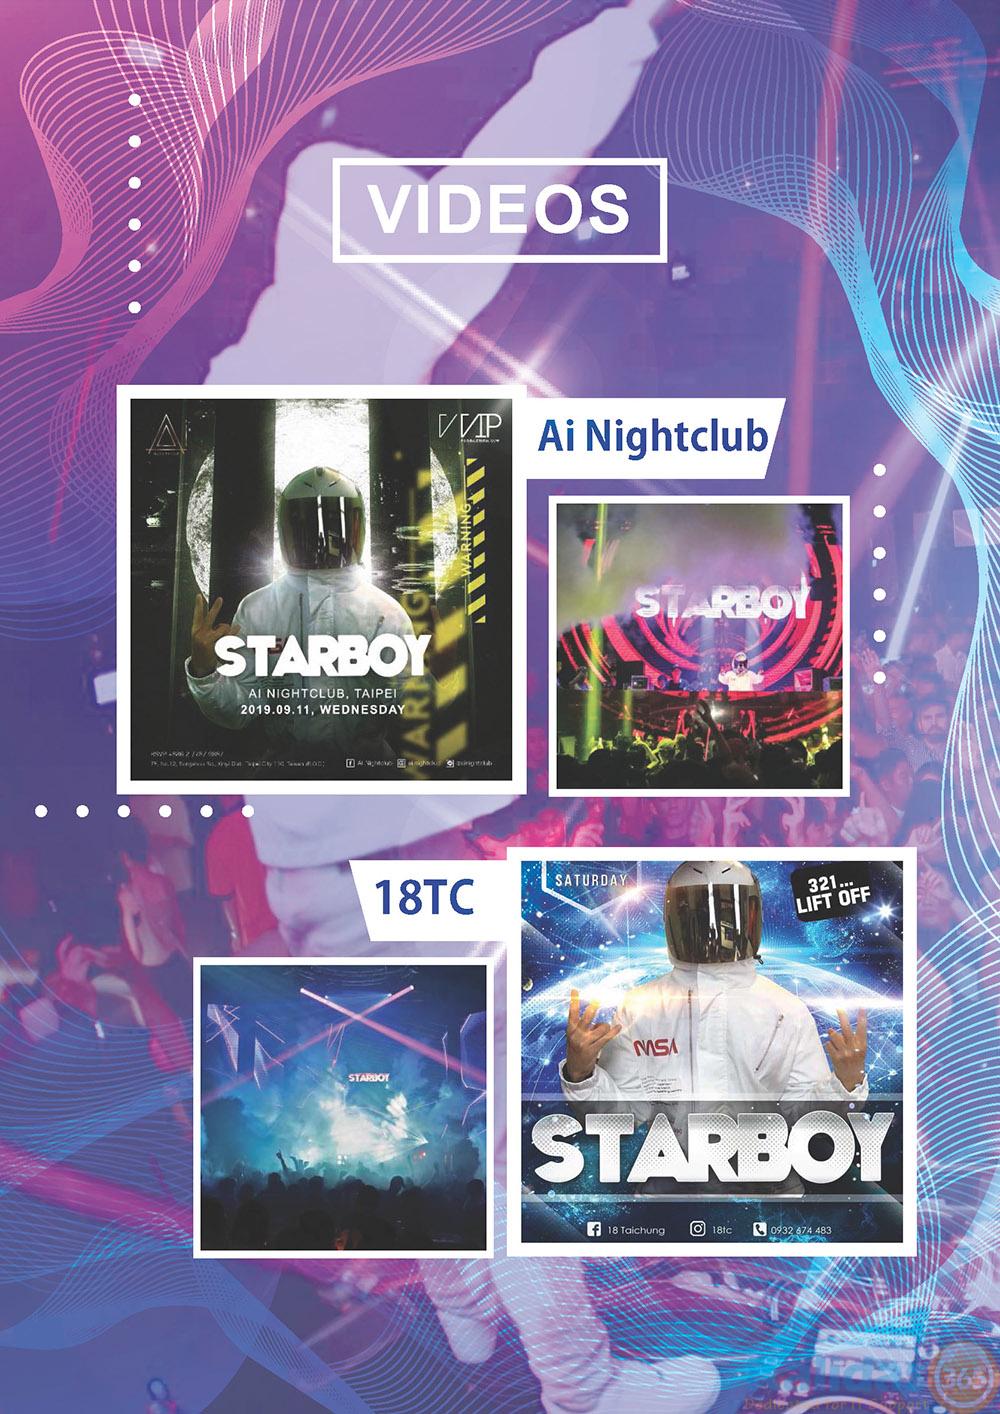 STARBOY-web-1_Part3